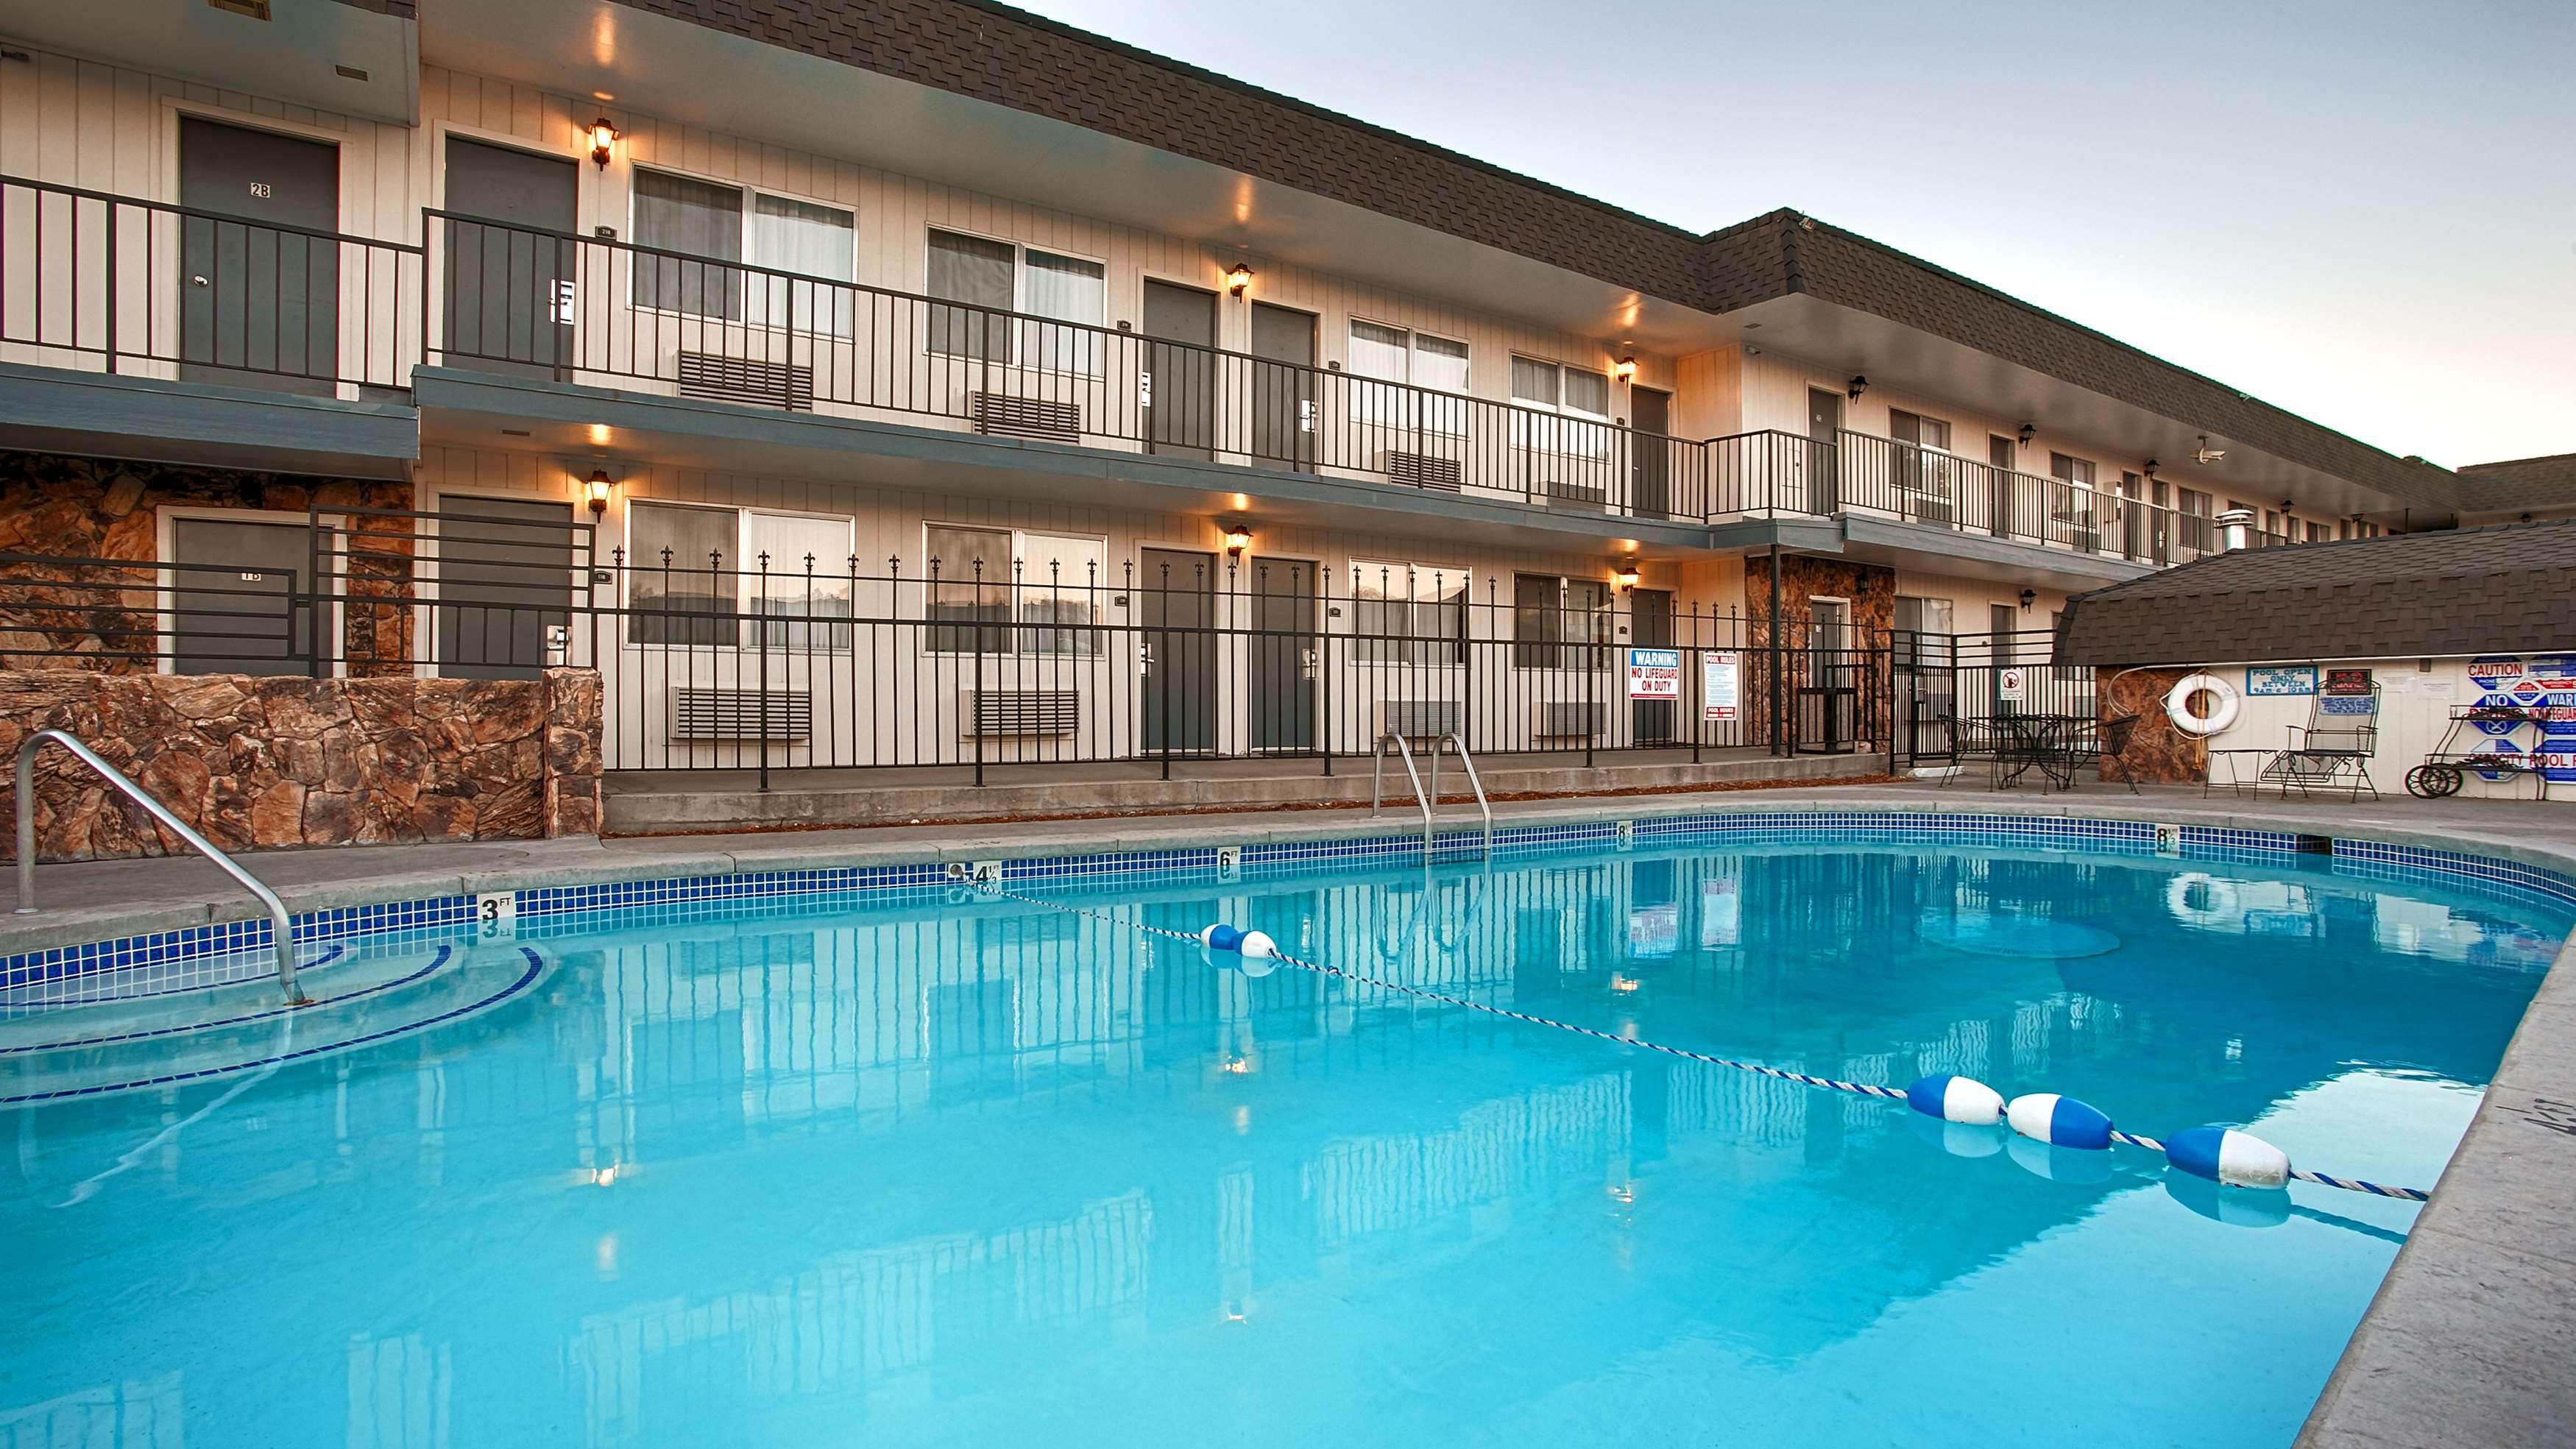 Susanville Ca Hotels Motels